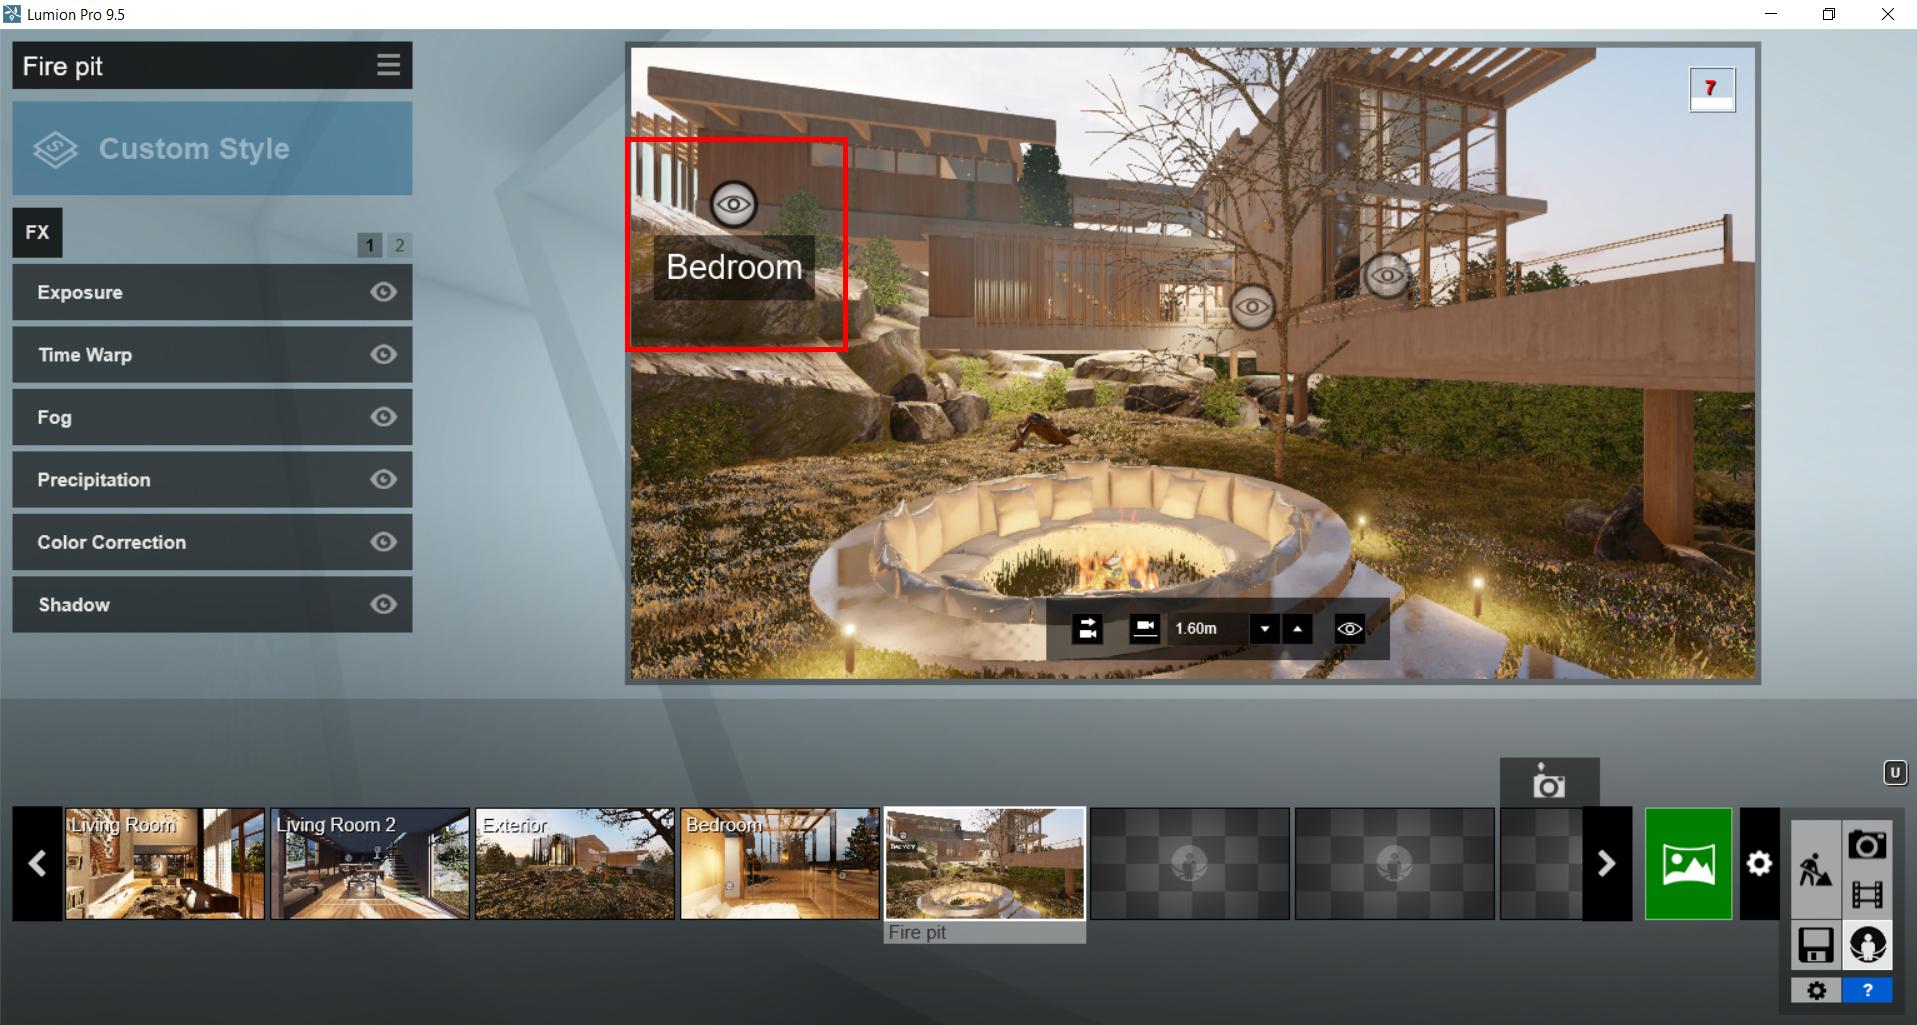 360 Panoramalar ve VR Sunumlarla Tasarımlarınızda Yolculuğa Çıkın 13